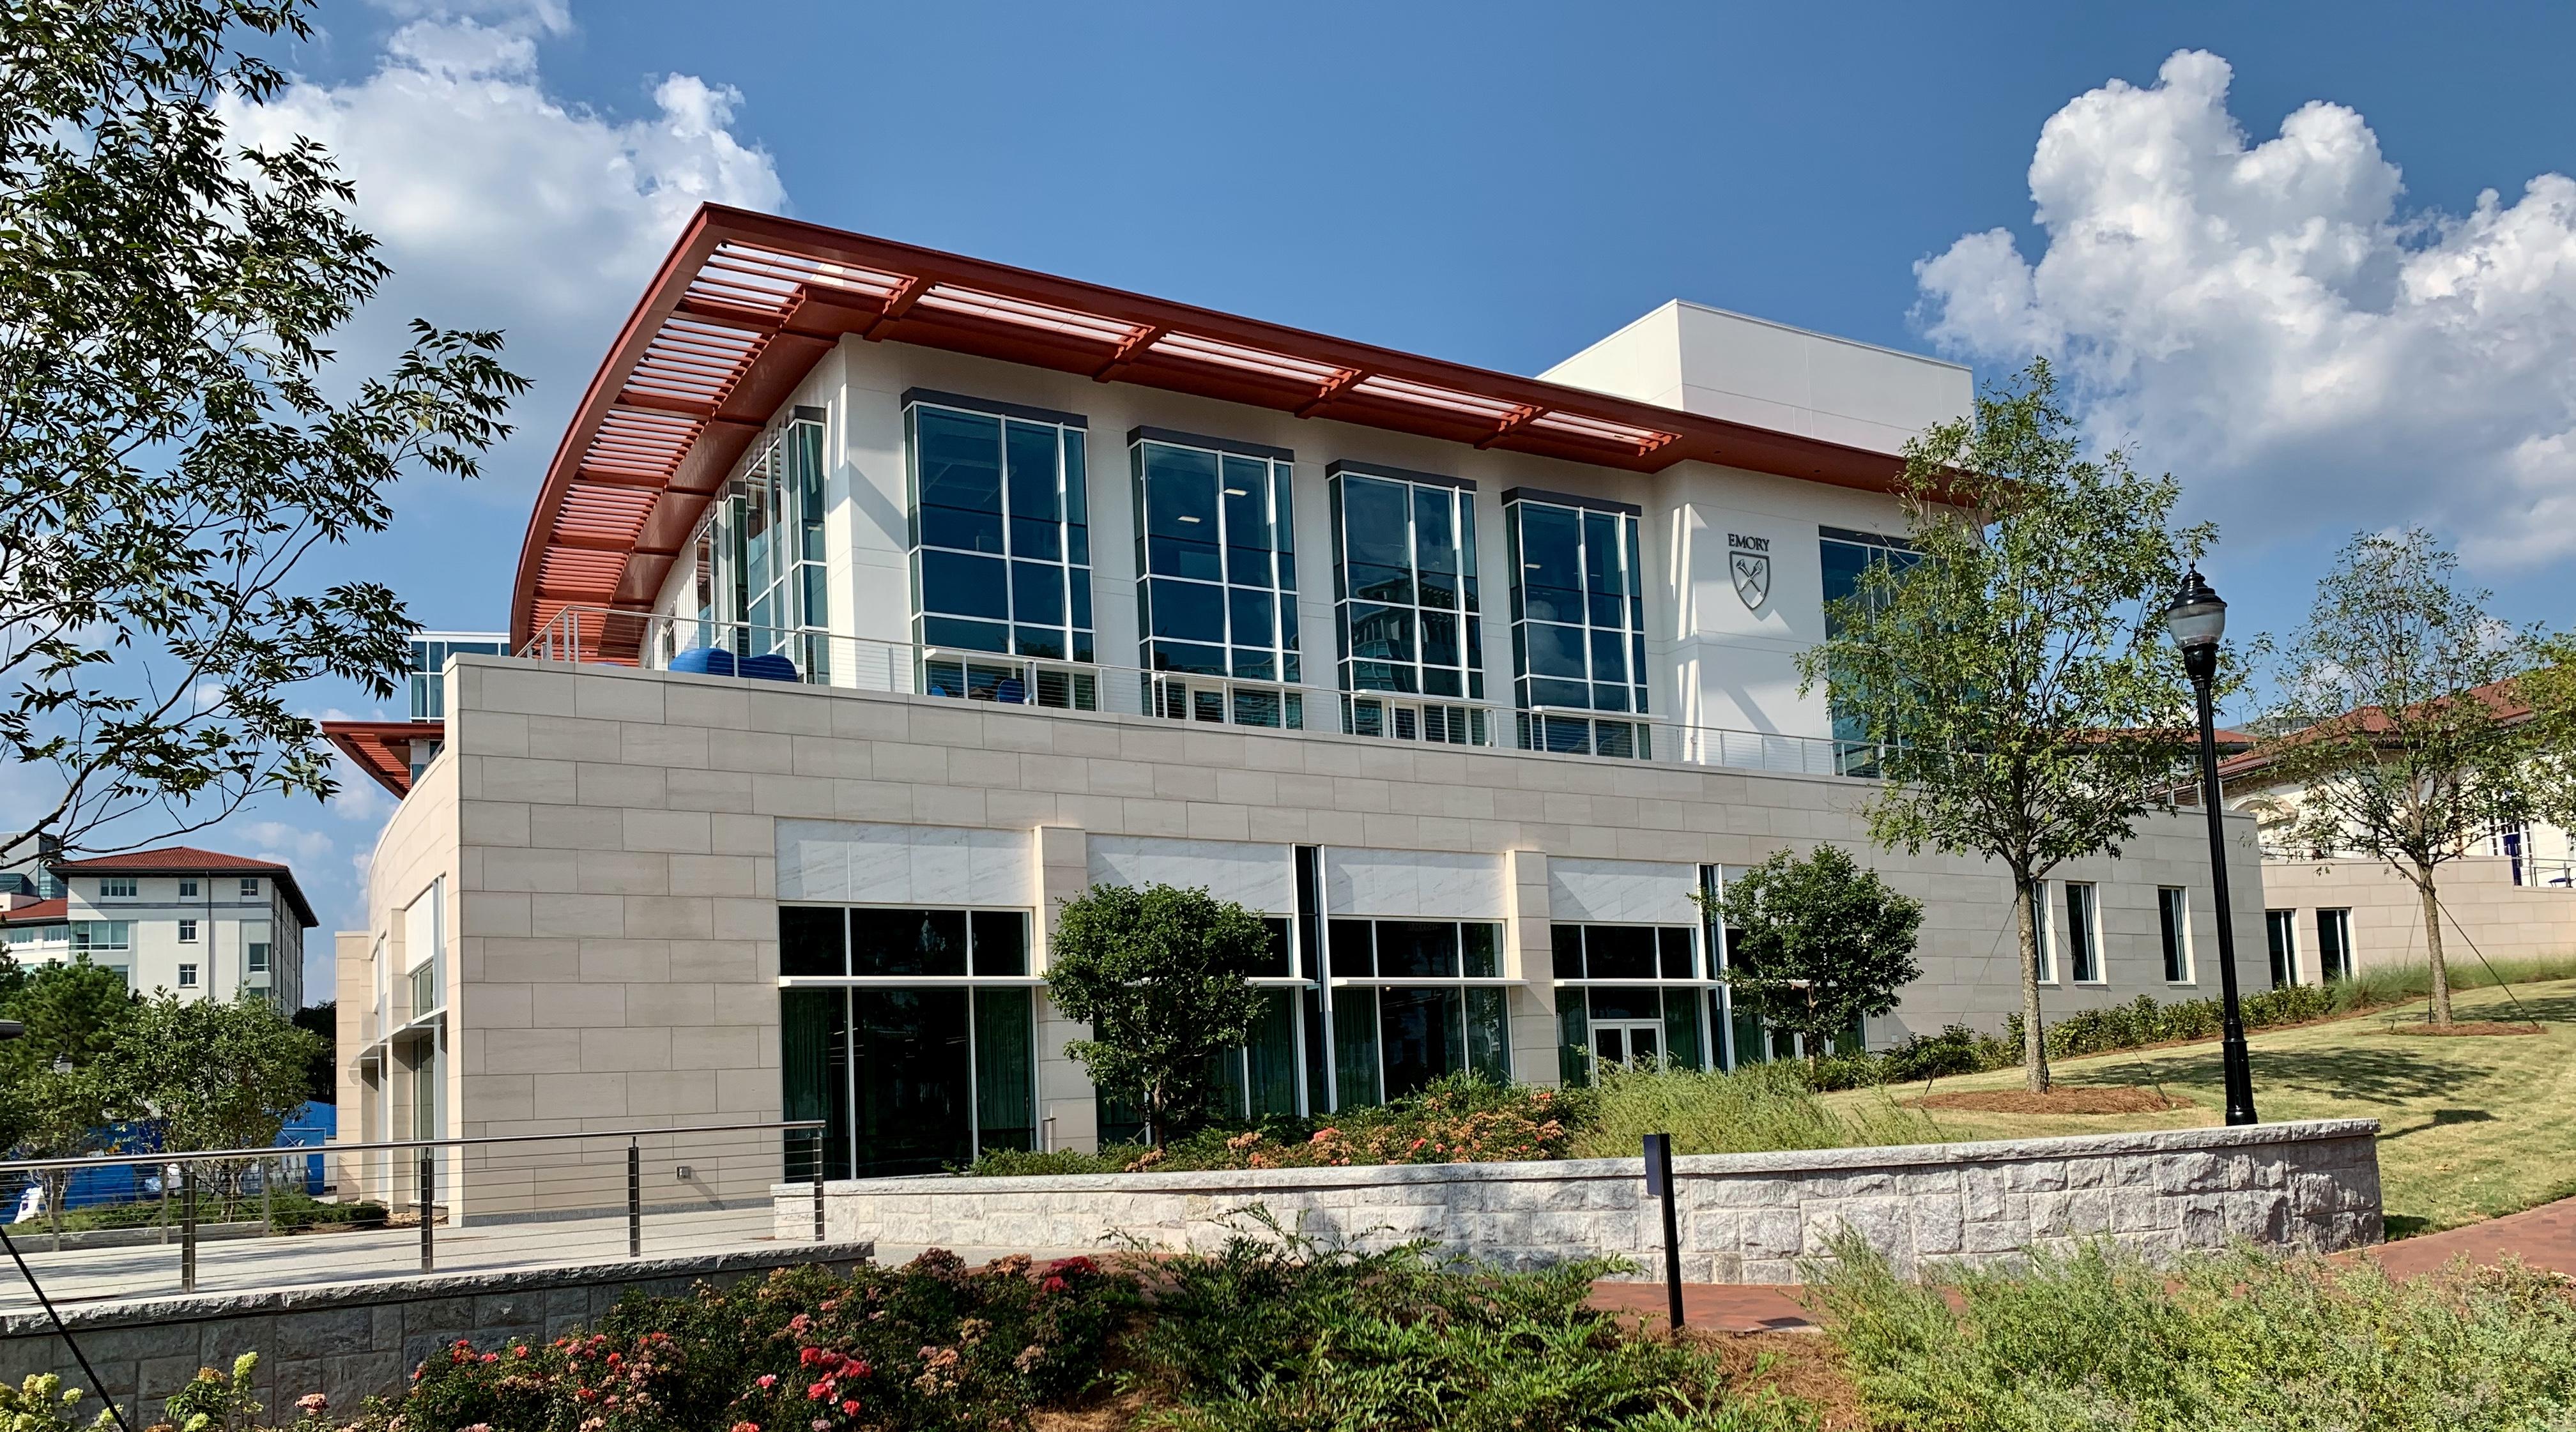 Emory University Student Life Center, Duda/Paine Architects